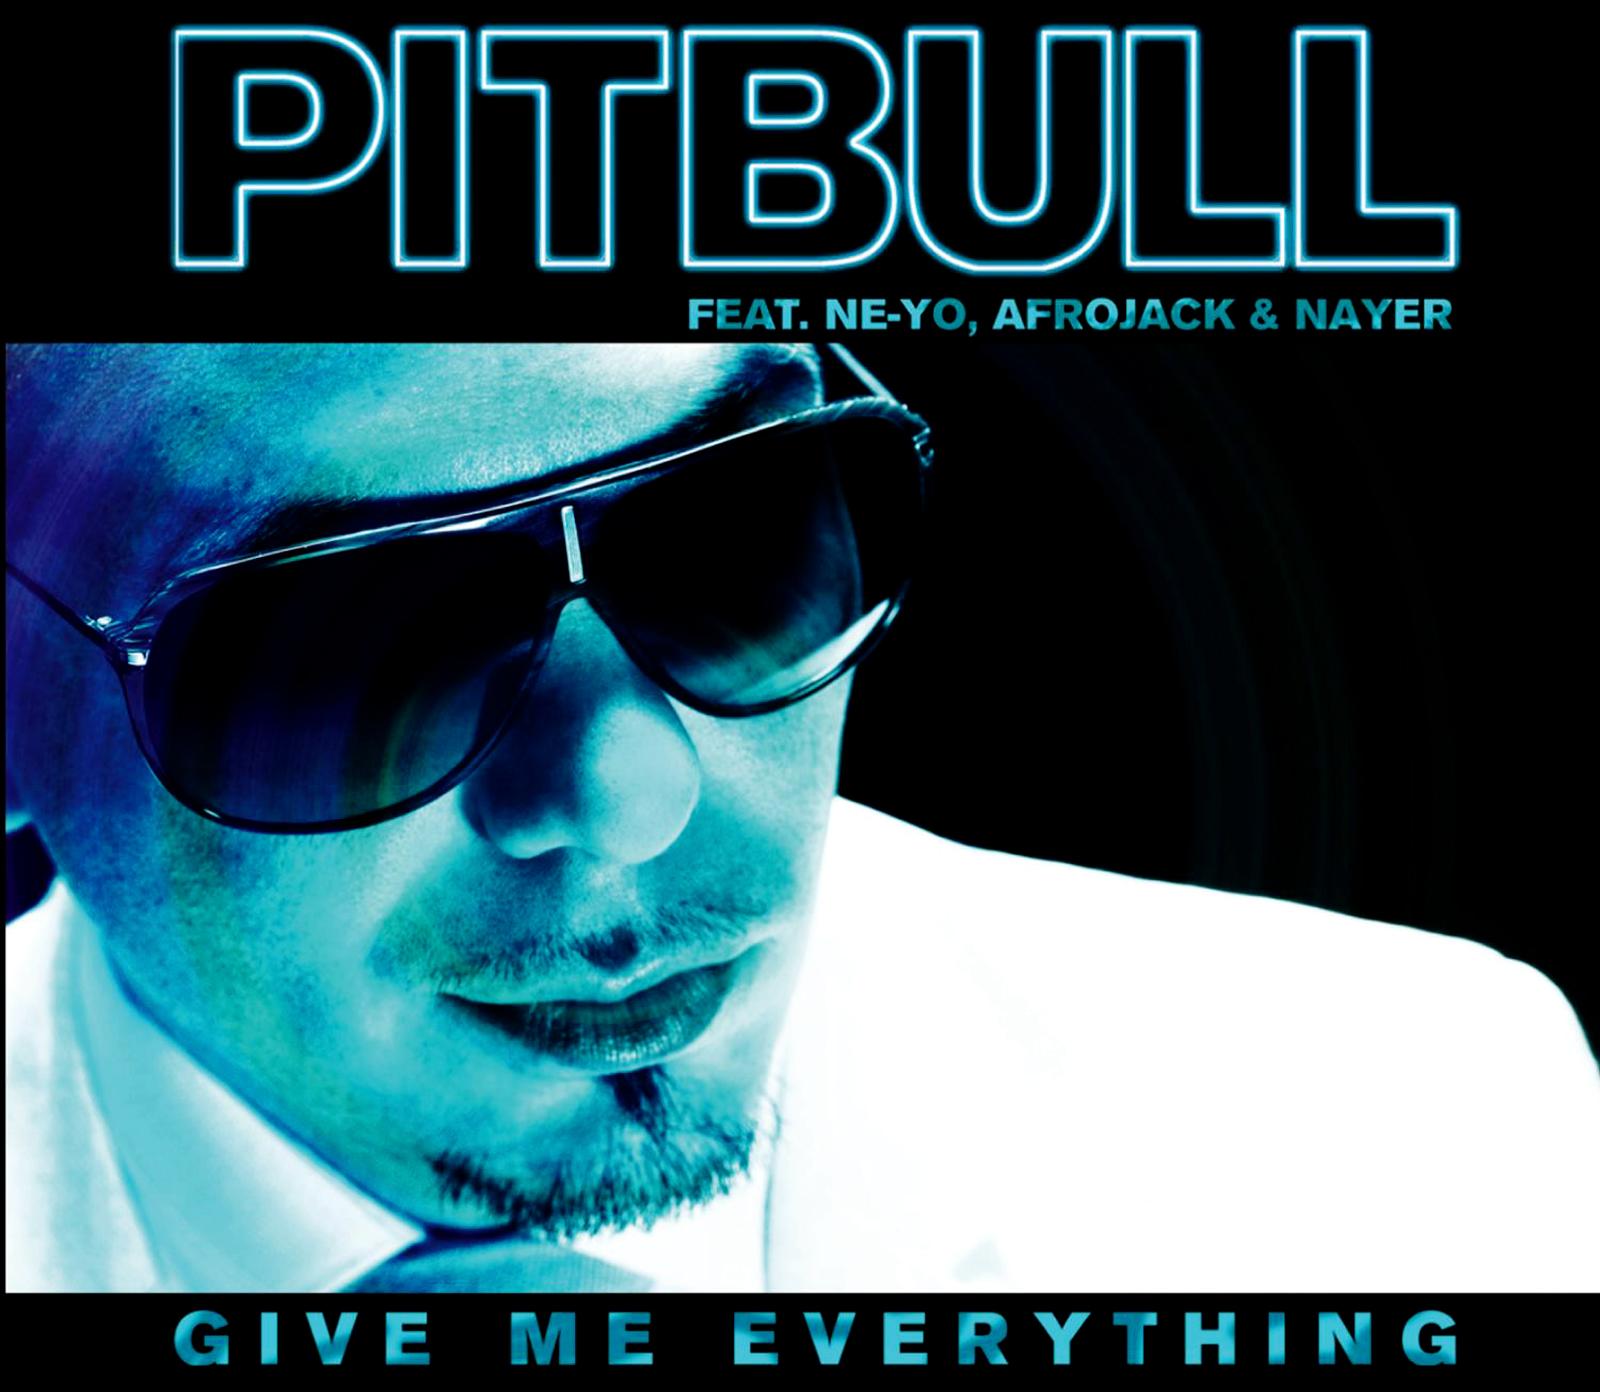 http://1.bp.blogspot.com/-aGXbImphzo4/TtlAUdvvkjI/AAAAAAAAErk/KT8txmFCC58/s1600/Pitbull_Give_Me_Everything_HD_Wallpaper.jpg